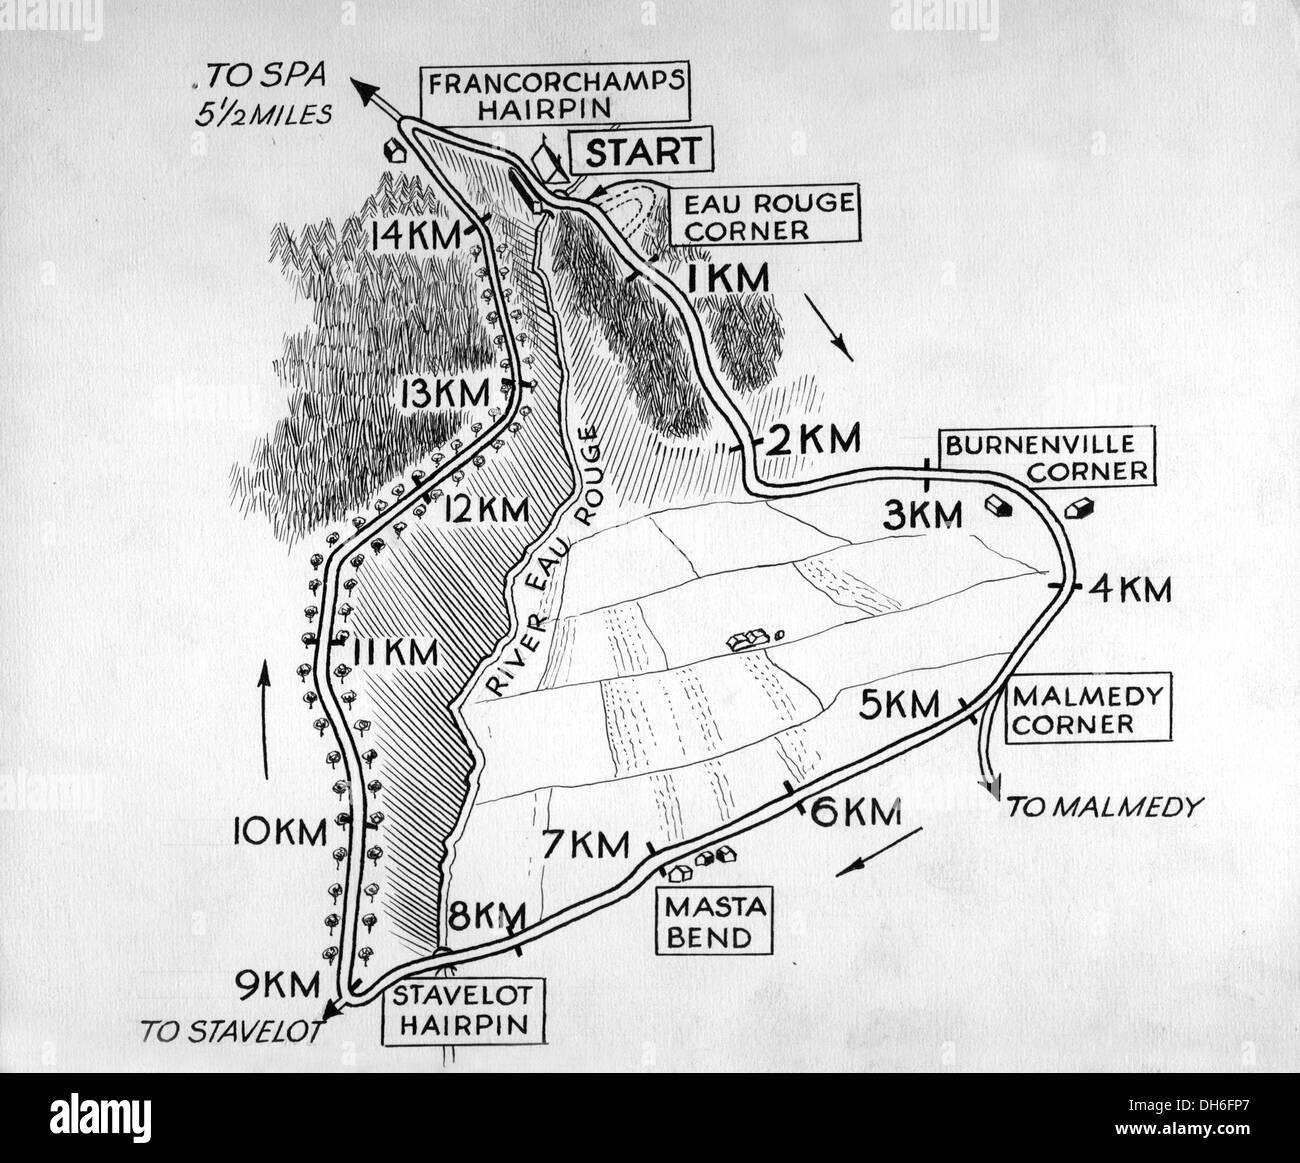 Circuito Spa : Mappa del circuito di spa francorchamps in belgio. 1960s foto